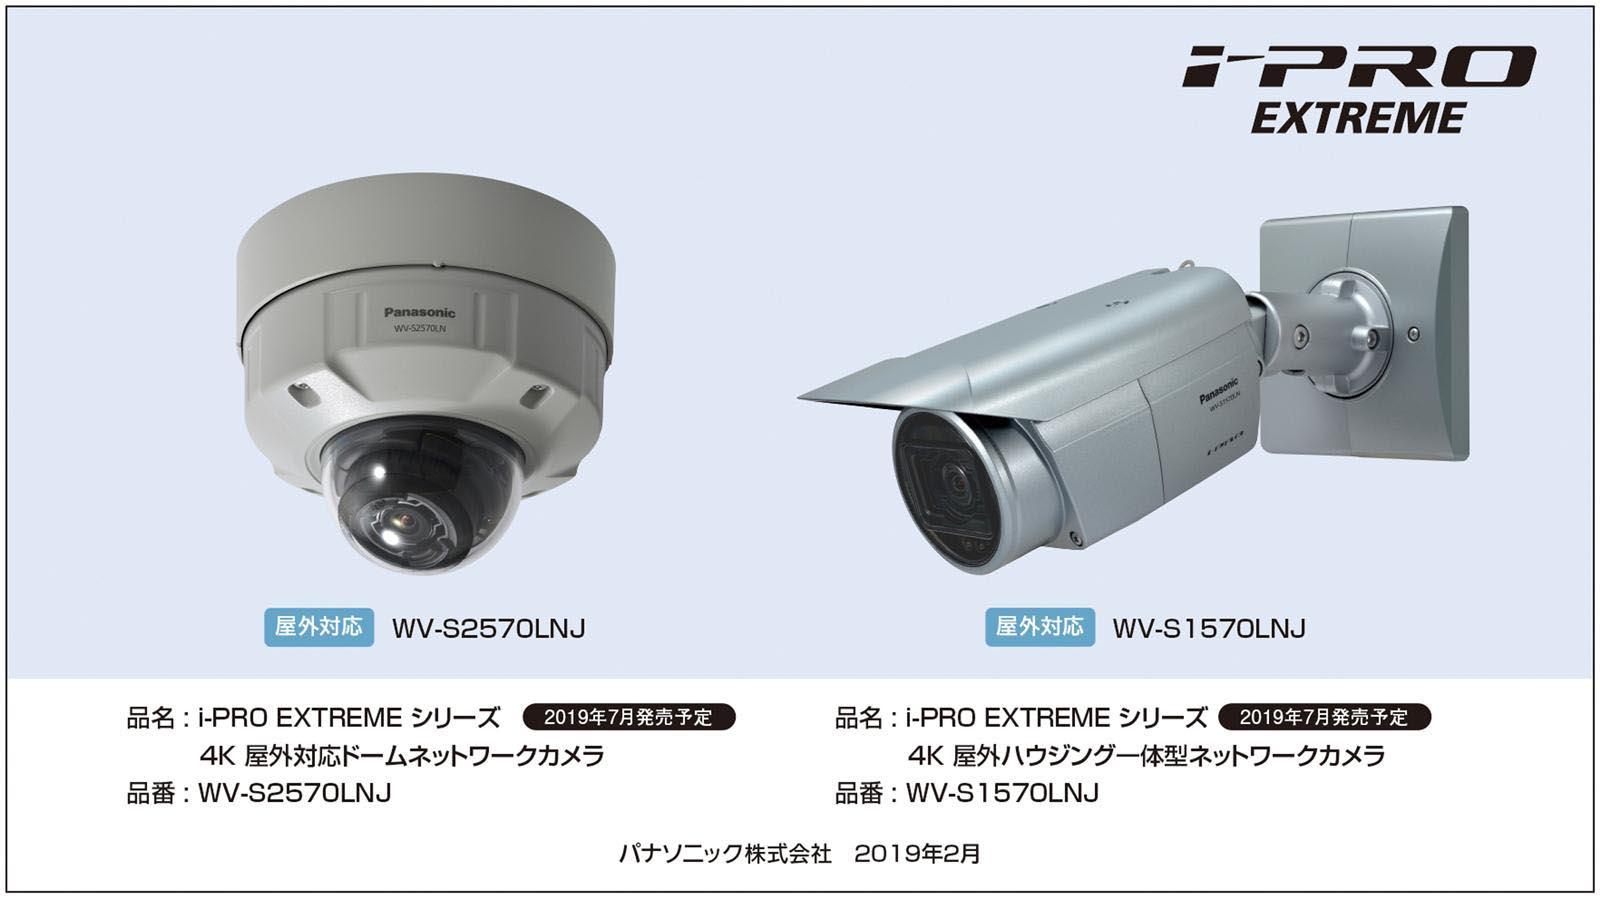 パナソニック、法人向け監視カメラに4K対応モデル2機種を追加